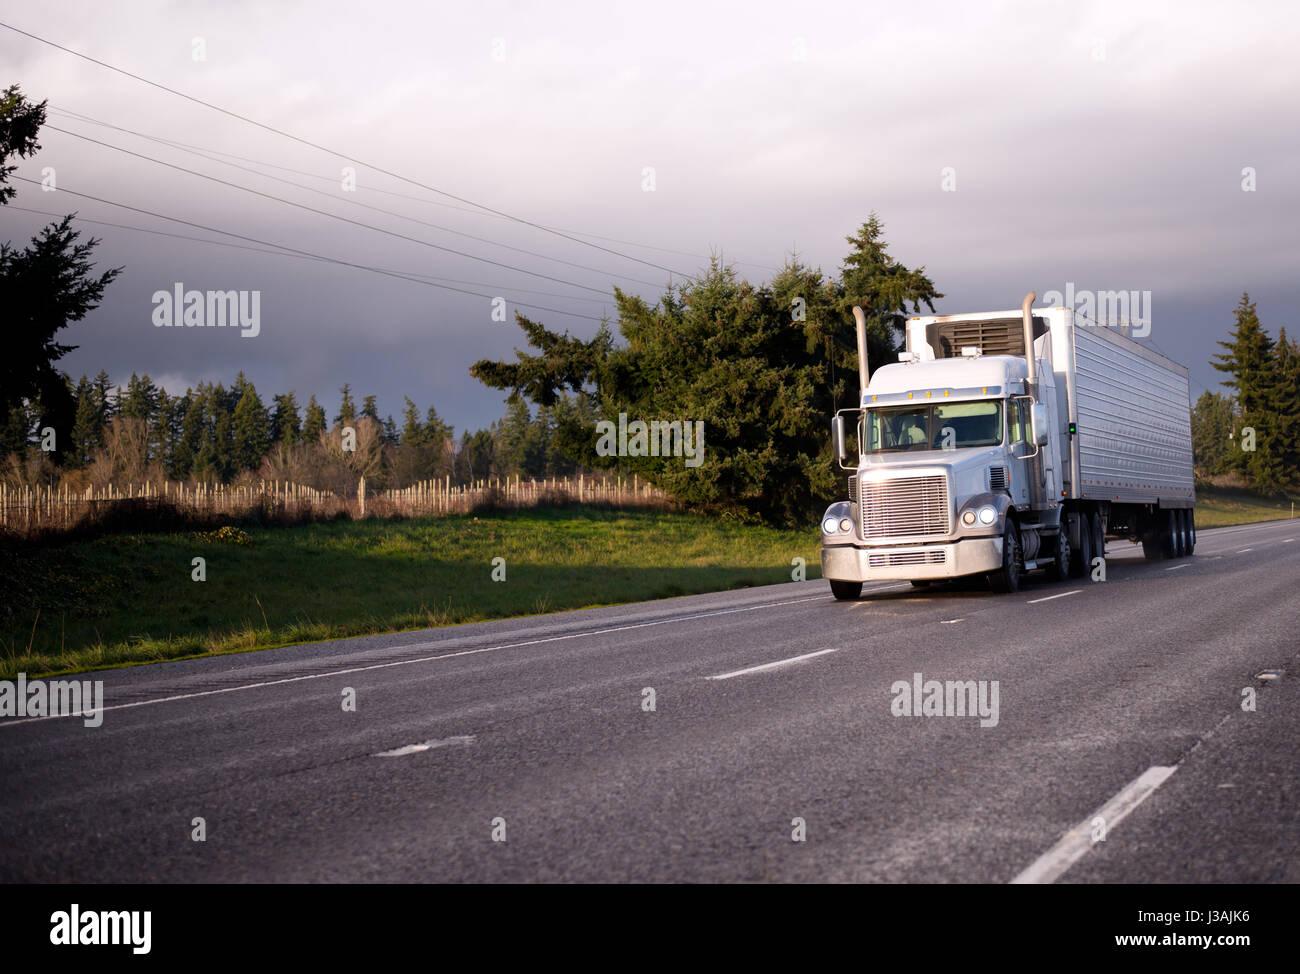 Amerikanischer Kühlschrank Transportieren : Big rig classic semi truck mit reefer einheit auf kühlschrank